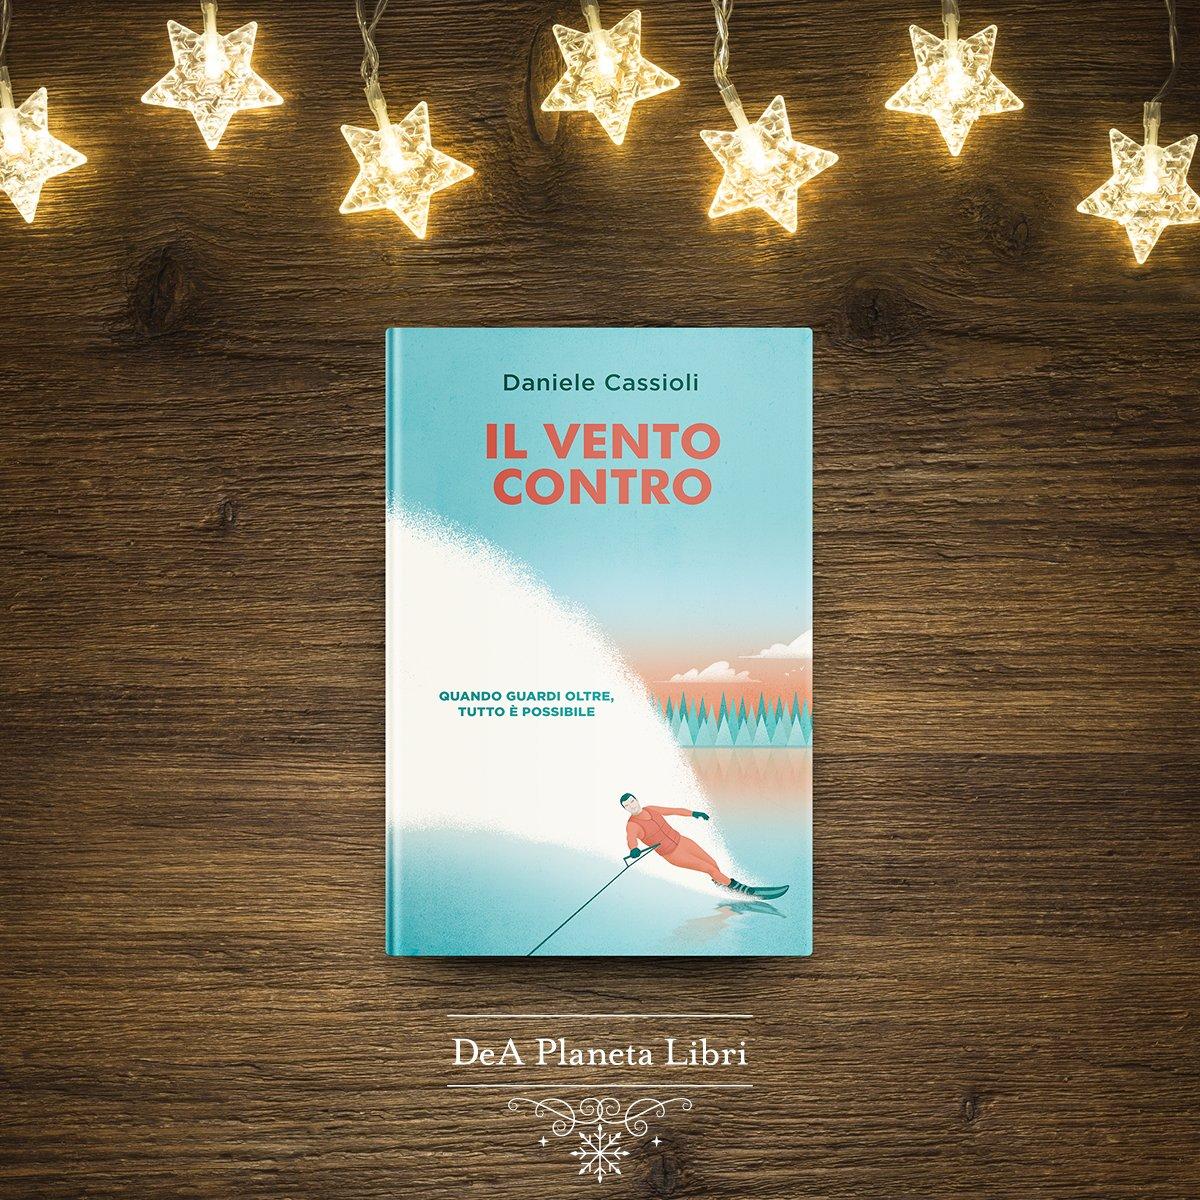 """.@Danielecassioli, il campione paralimpico di sci nautico più forte di tutti i tempi e non vedente dalla nascita, racconta la sua storia. """"Il vento contro"""" descrive la sua scoperta del mondo e il superamento delle paure, con tono sincero e spiazzante http://bit.ly/IlVentoContro"""